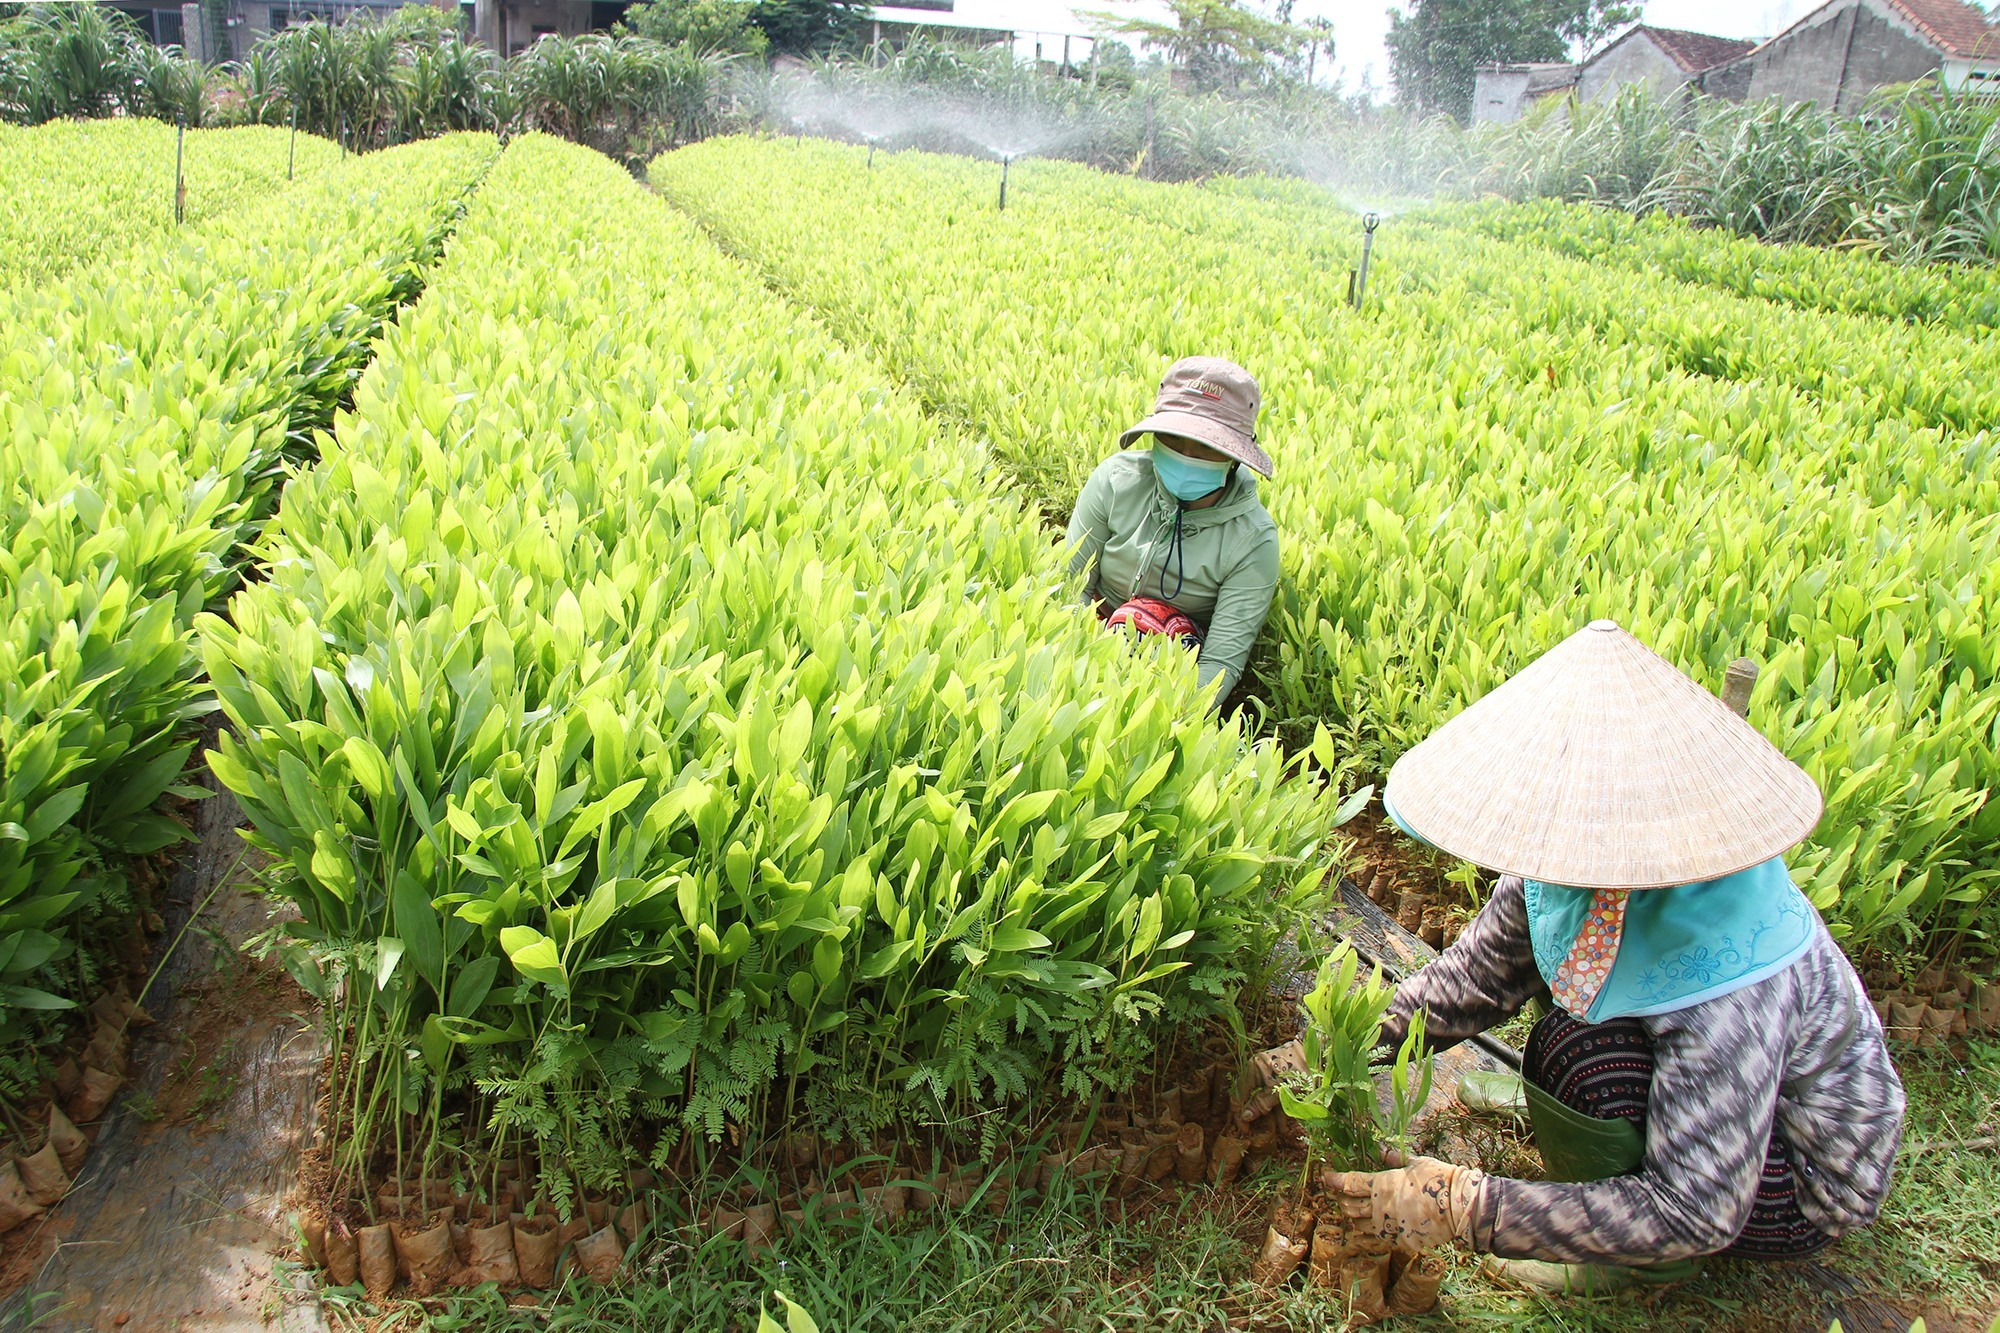 Ươm giống cây keo mang lại thu nhập ổn định cho người dân thôn Trà Lý. Ảnh: H.Q